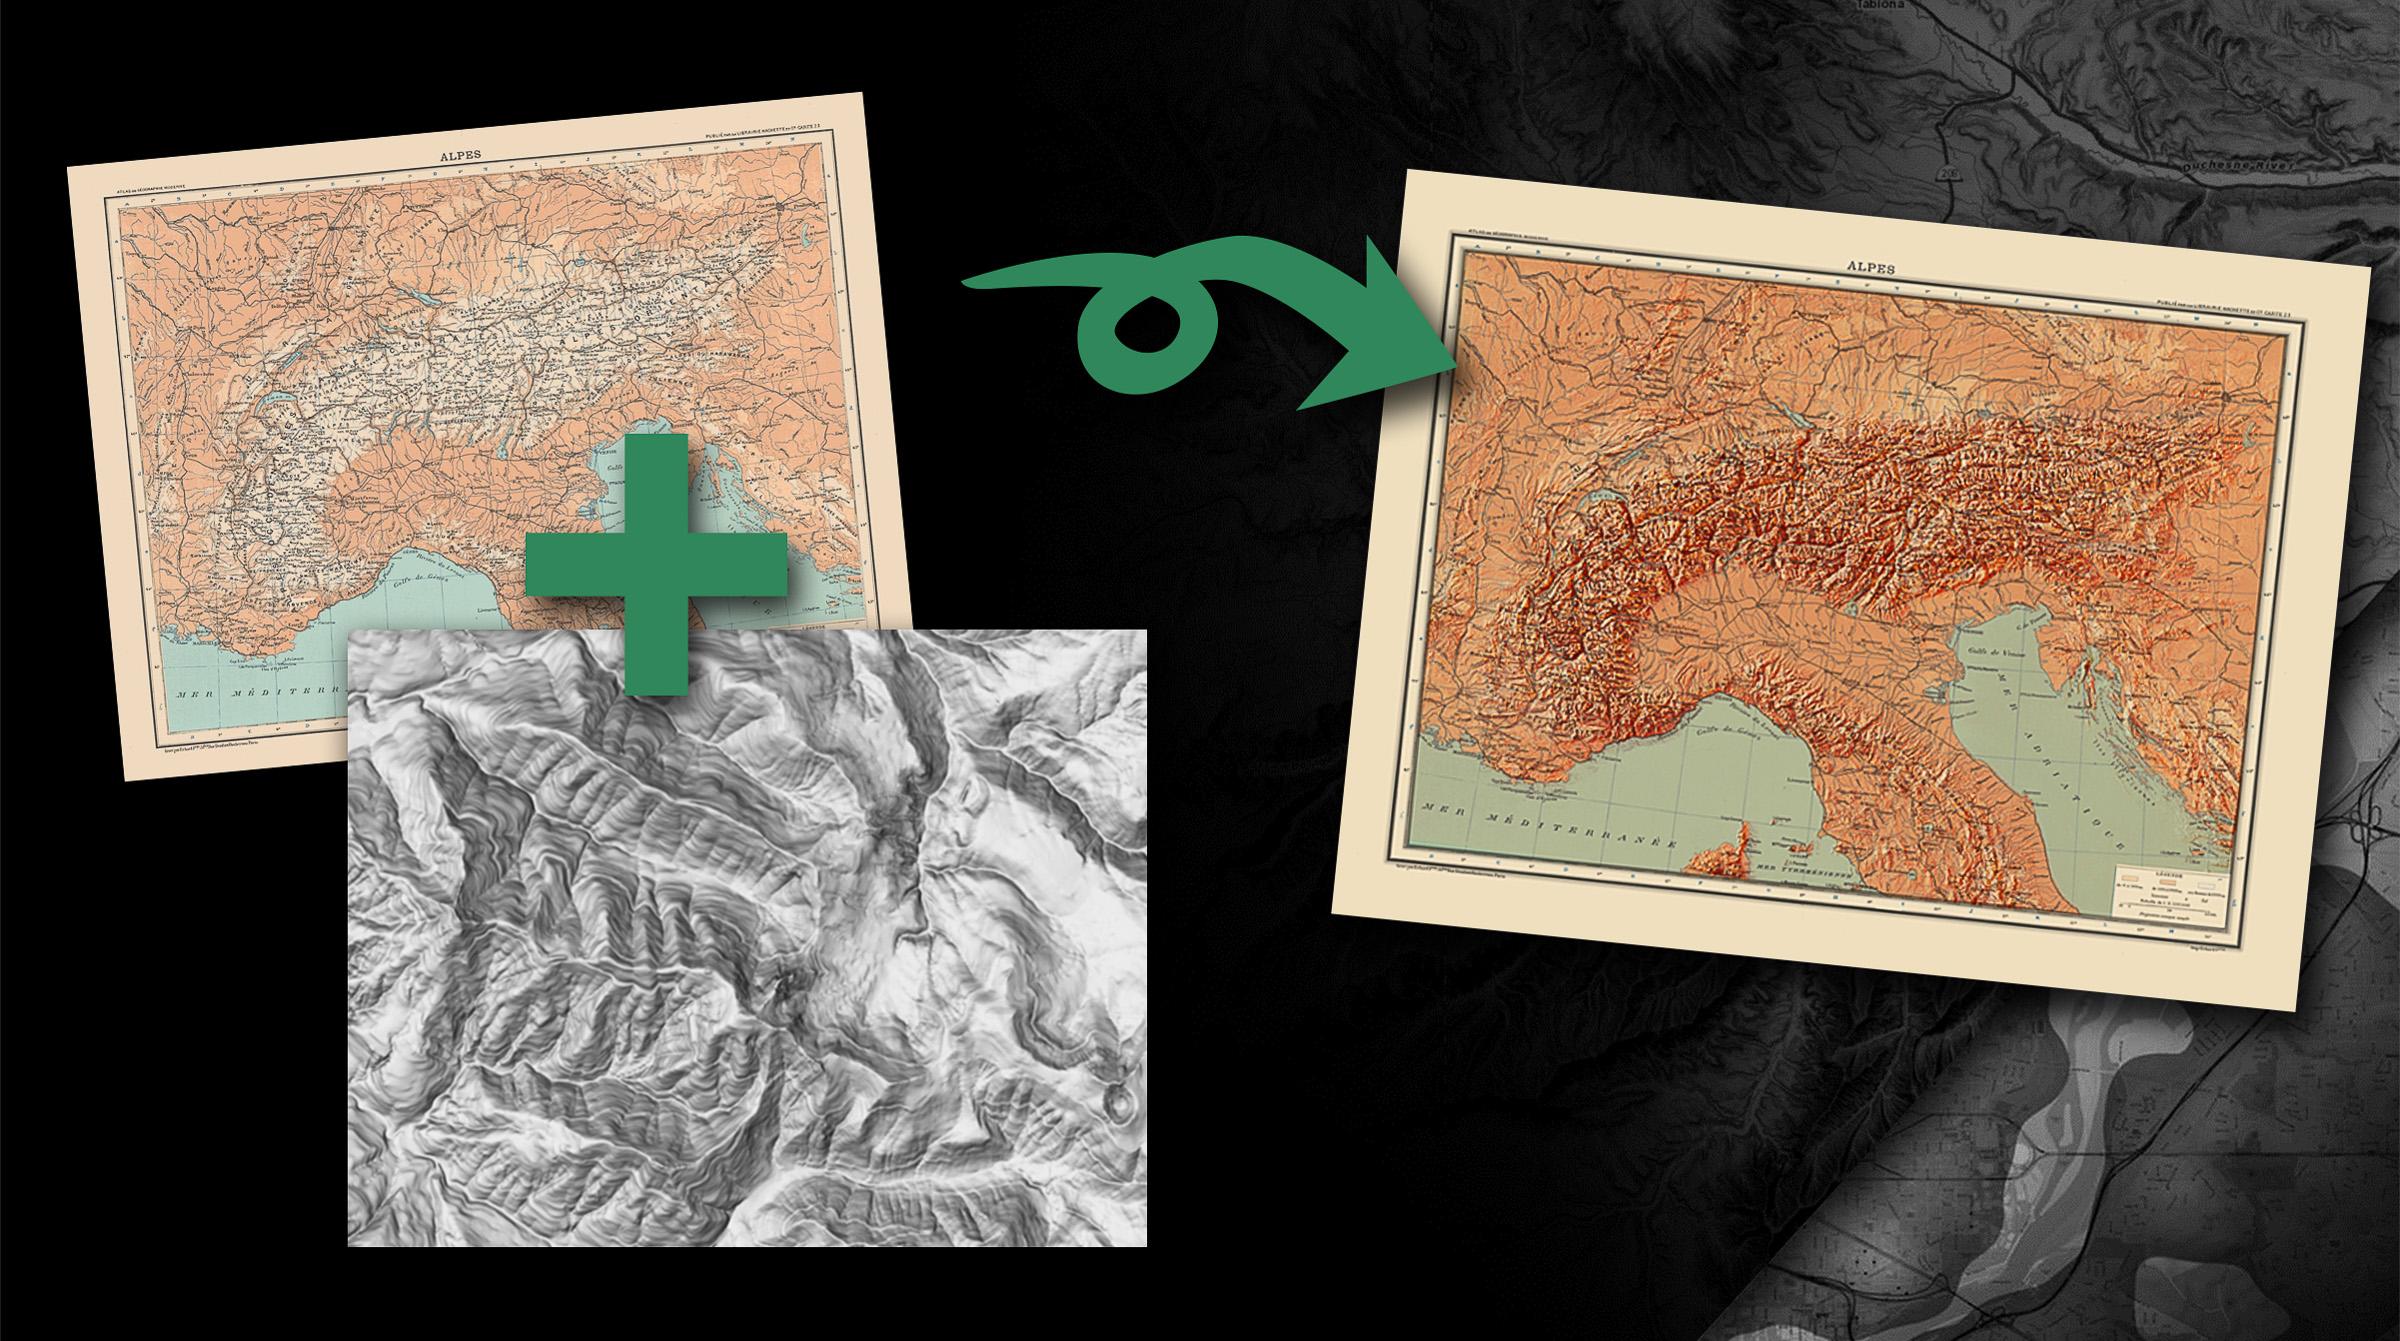 Terrängskuggning i ArcGIS Pro ger gamla kartor nytt liv